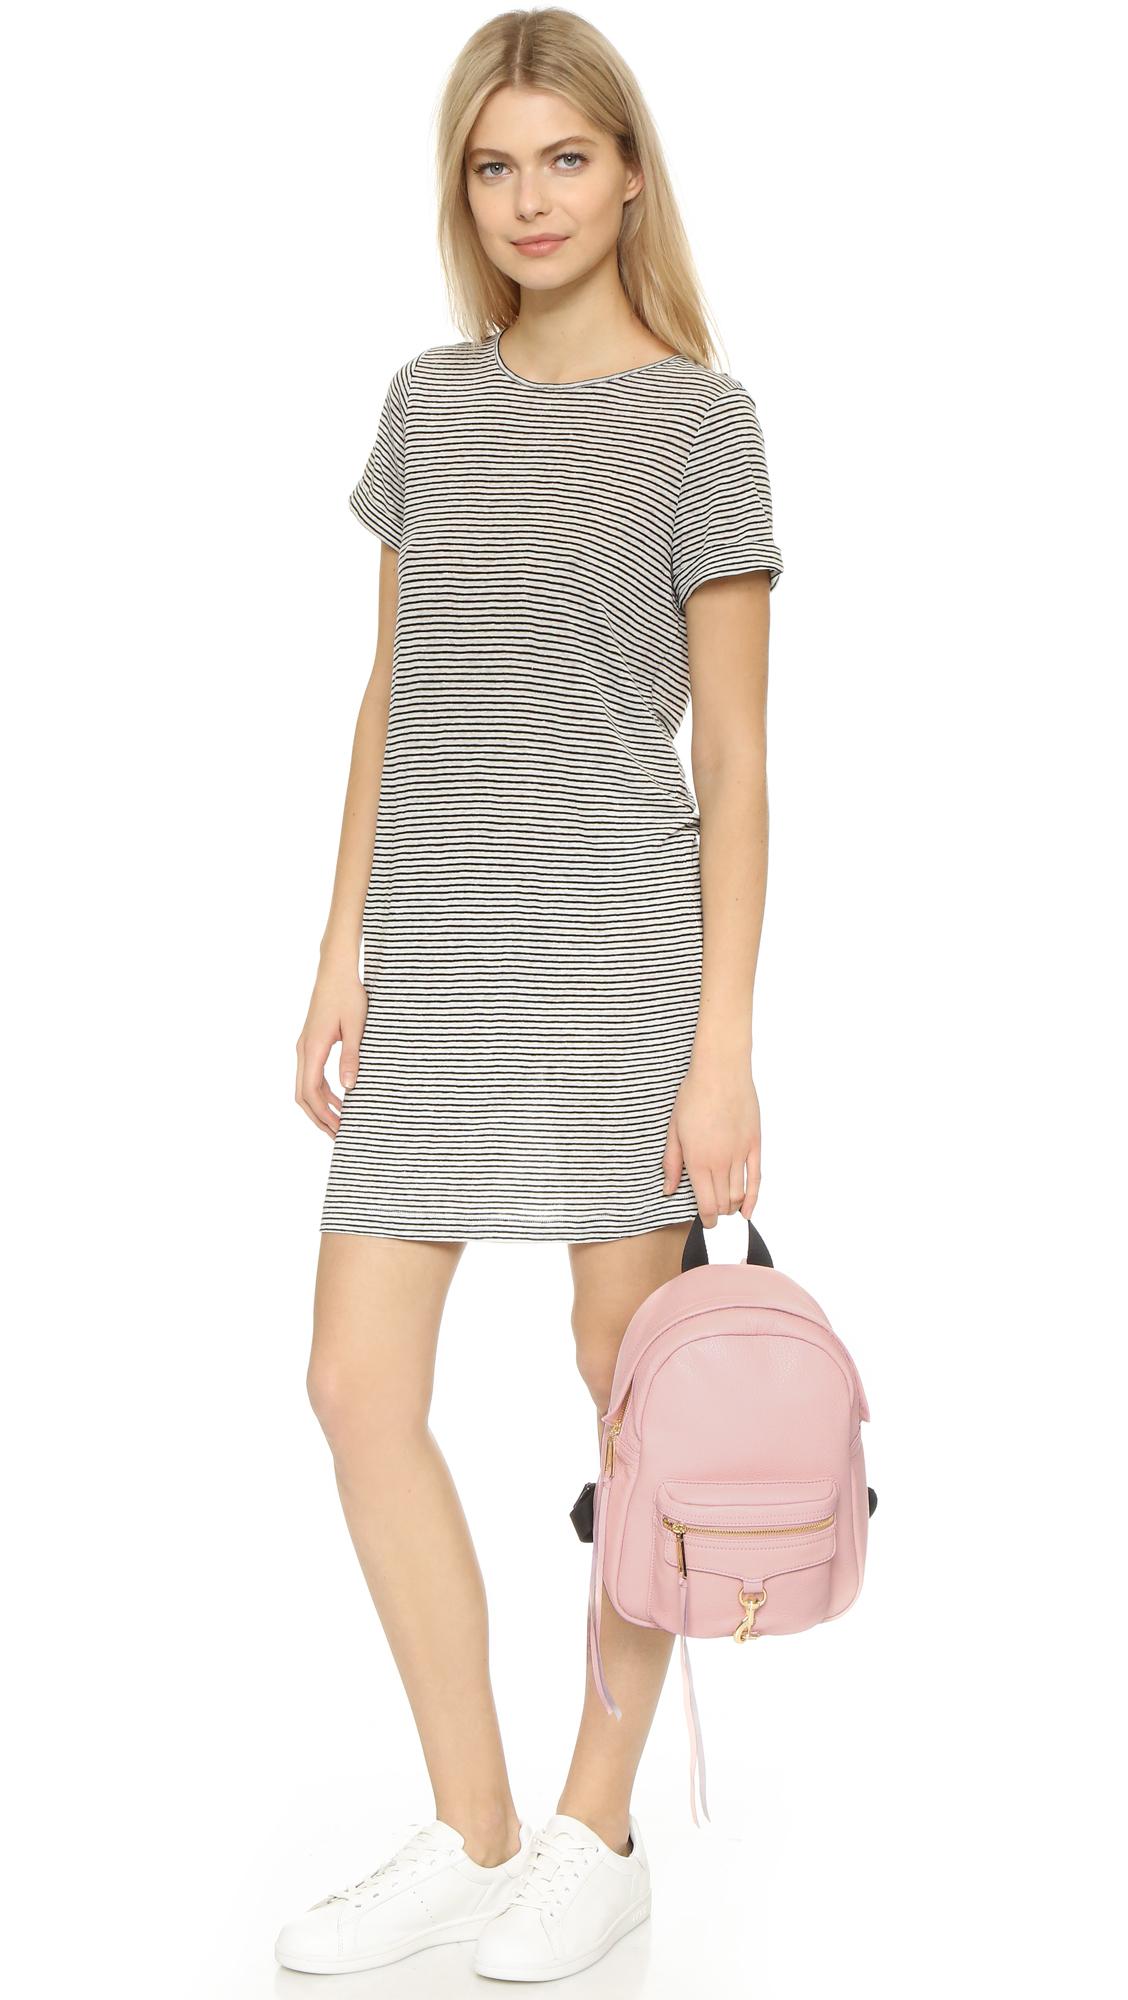 Rebecca minkoff Mini Mab Backpack in Pink   Lyst